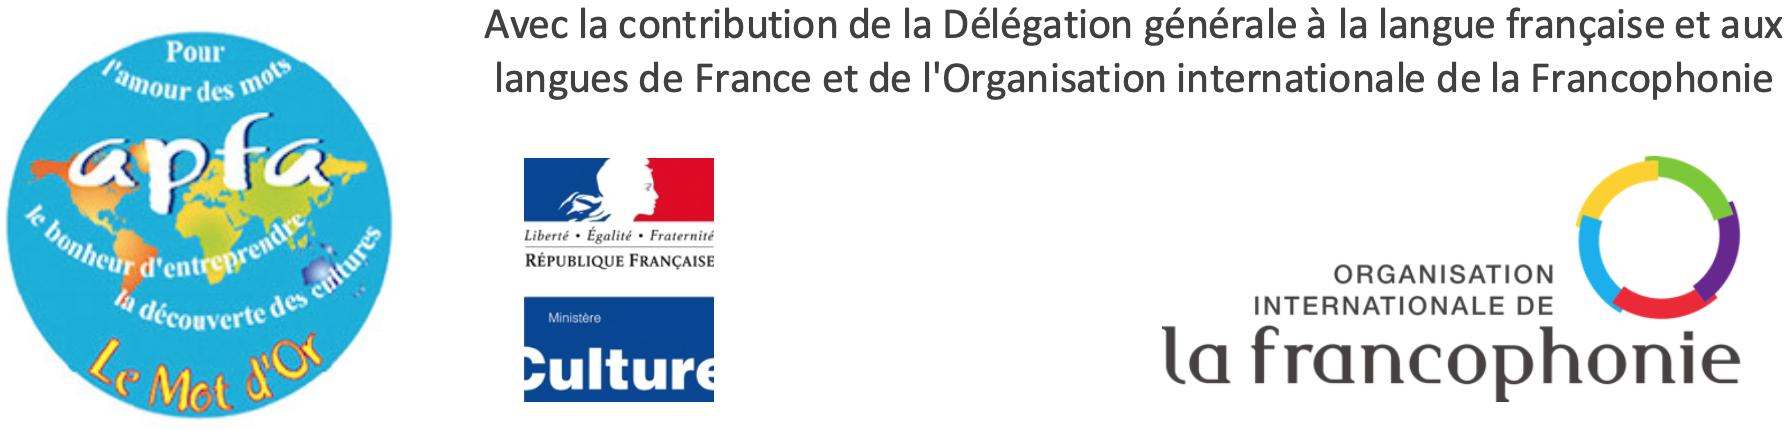 APFA – Actions pour promouvoir le français des affaires